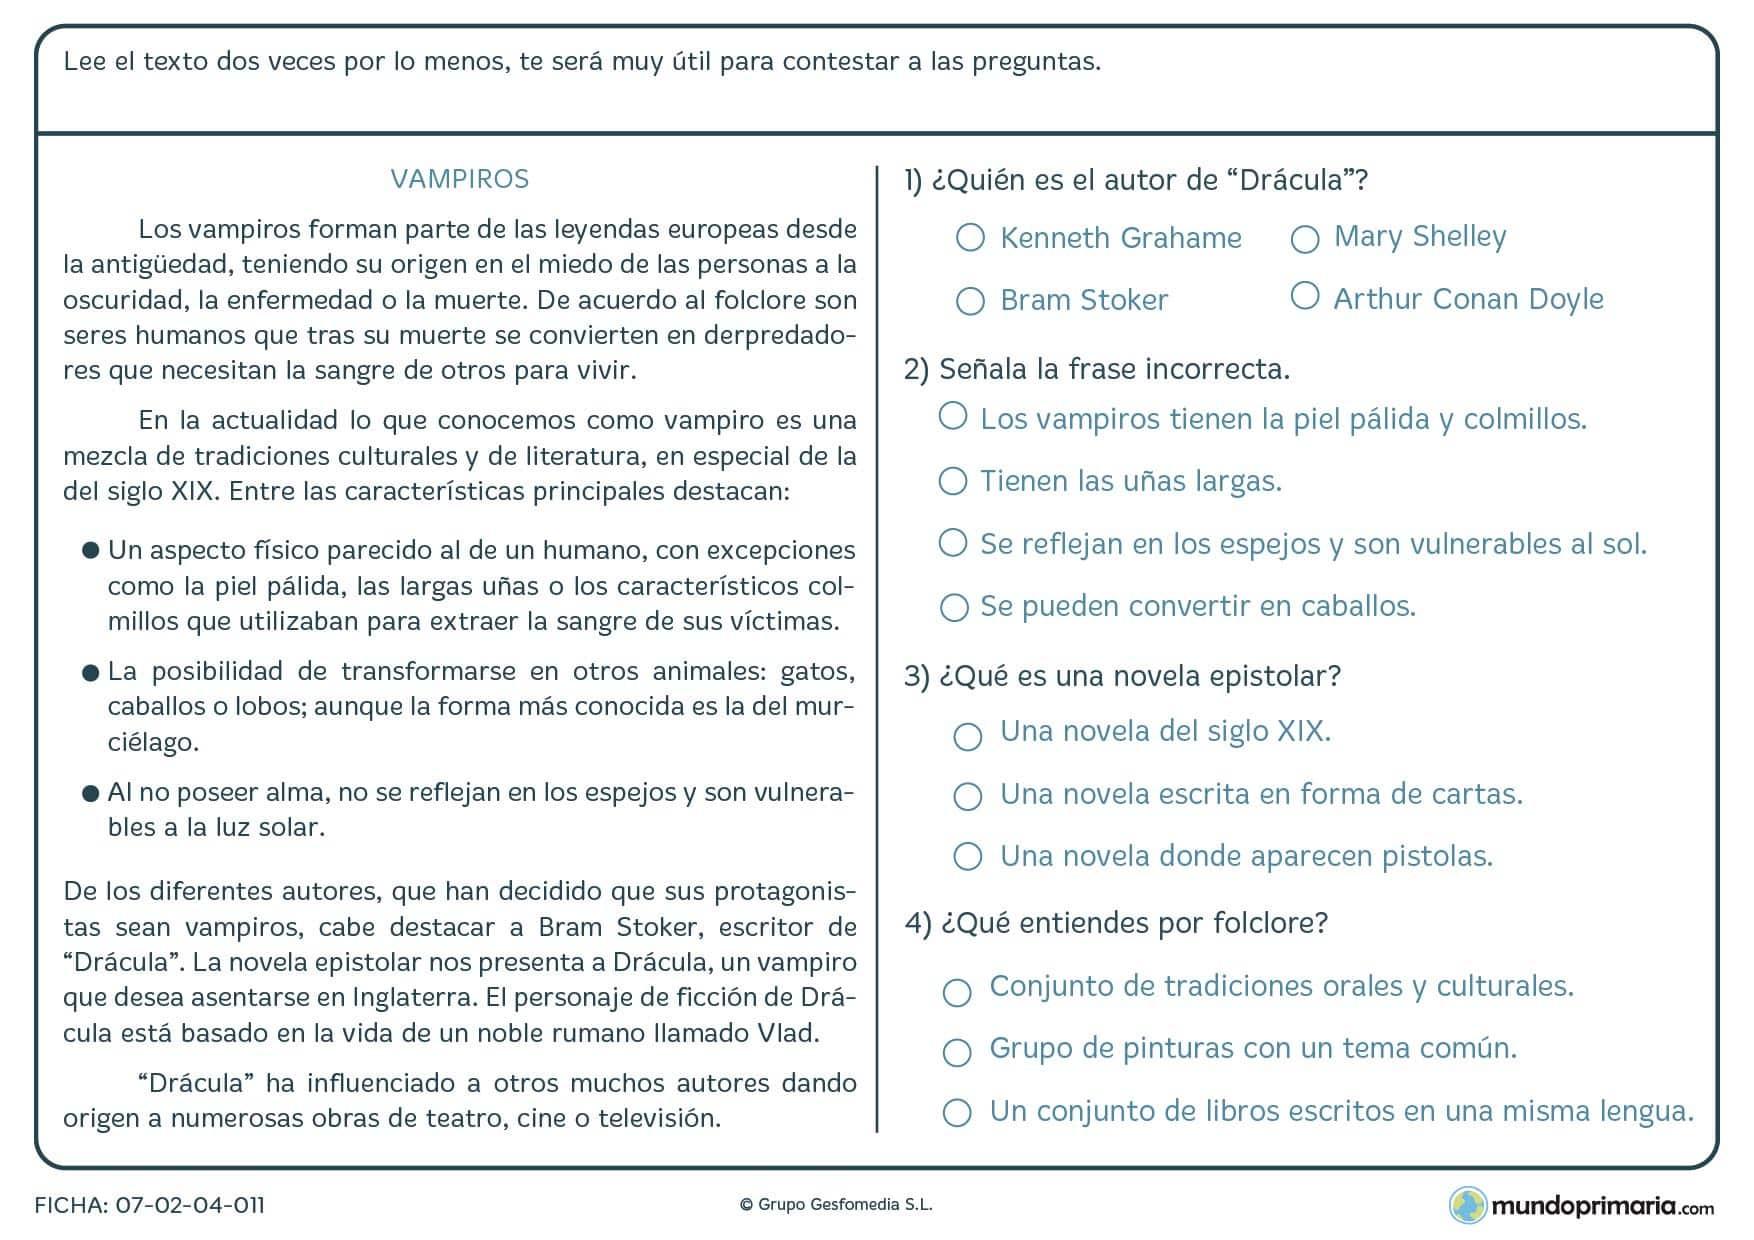 Ficha de un texto de vampiros para contestar varias preguntas para 5º